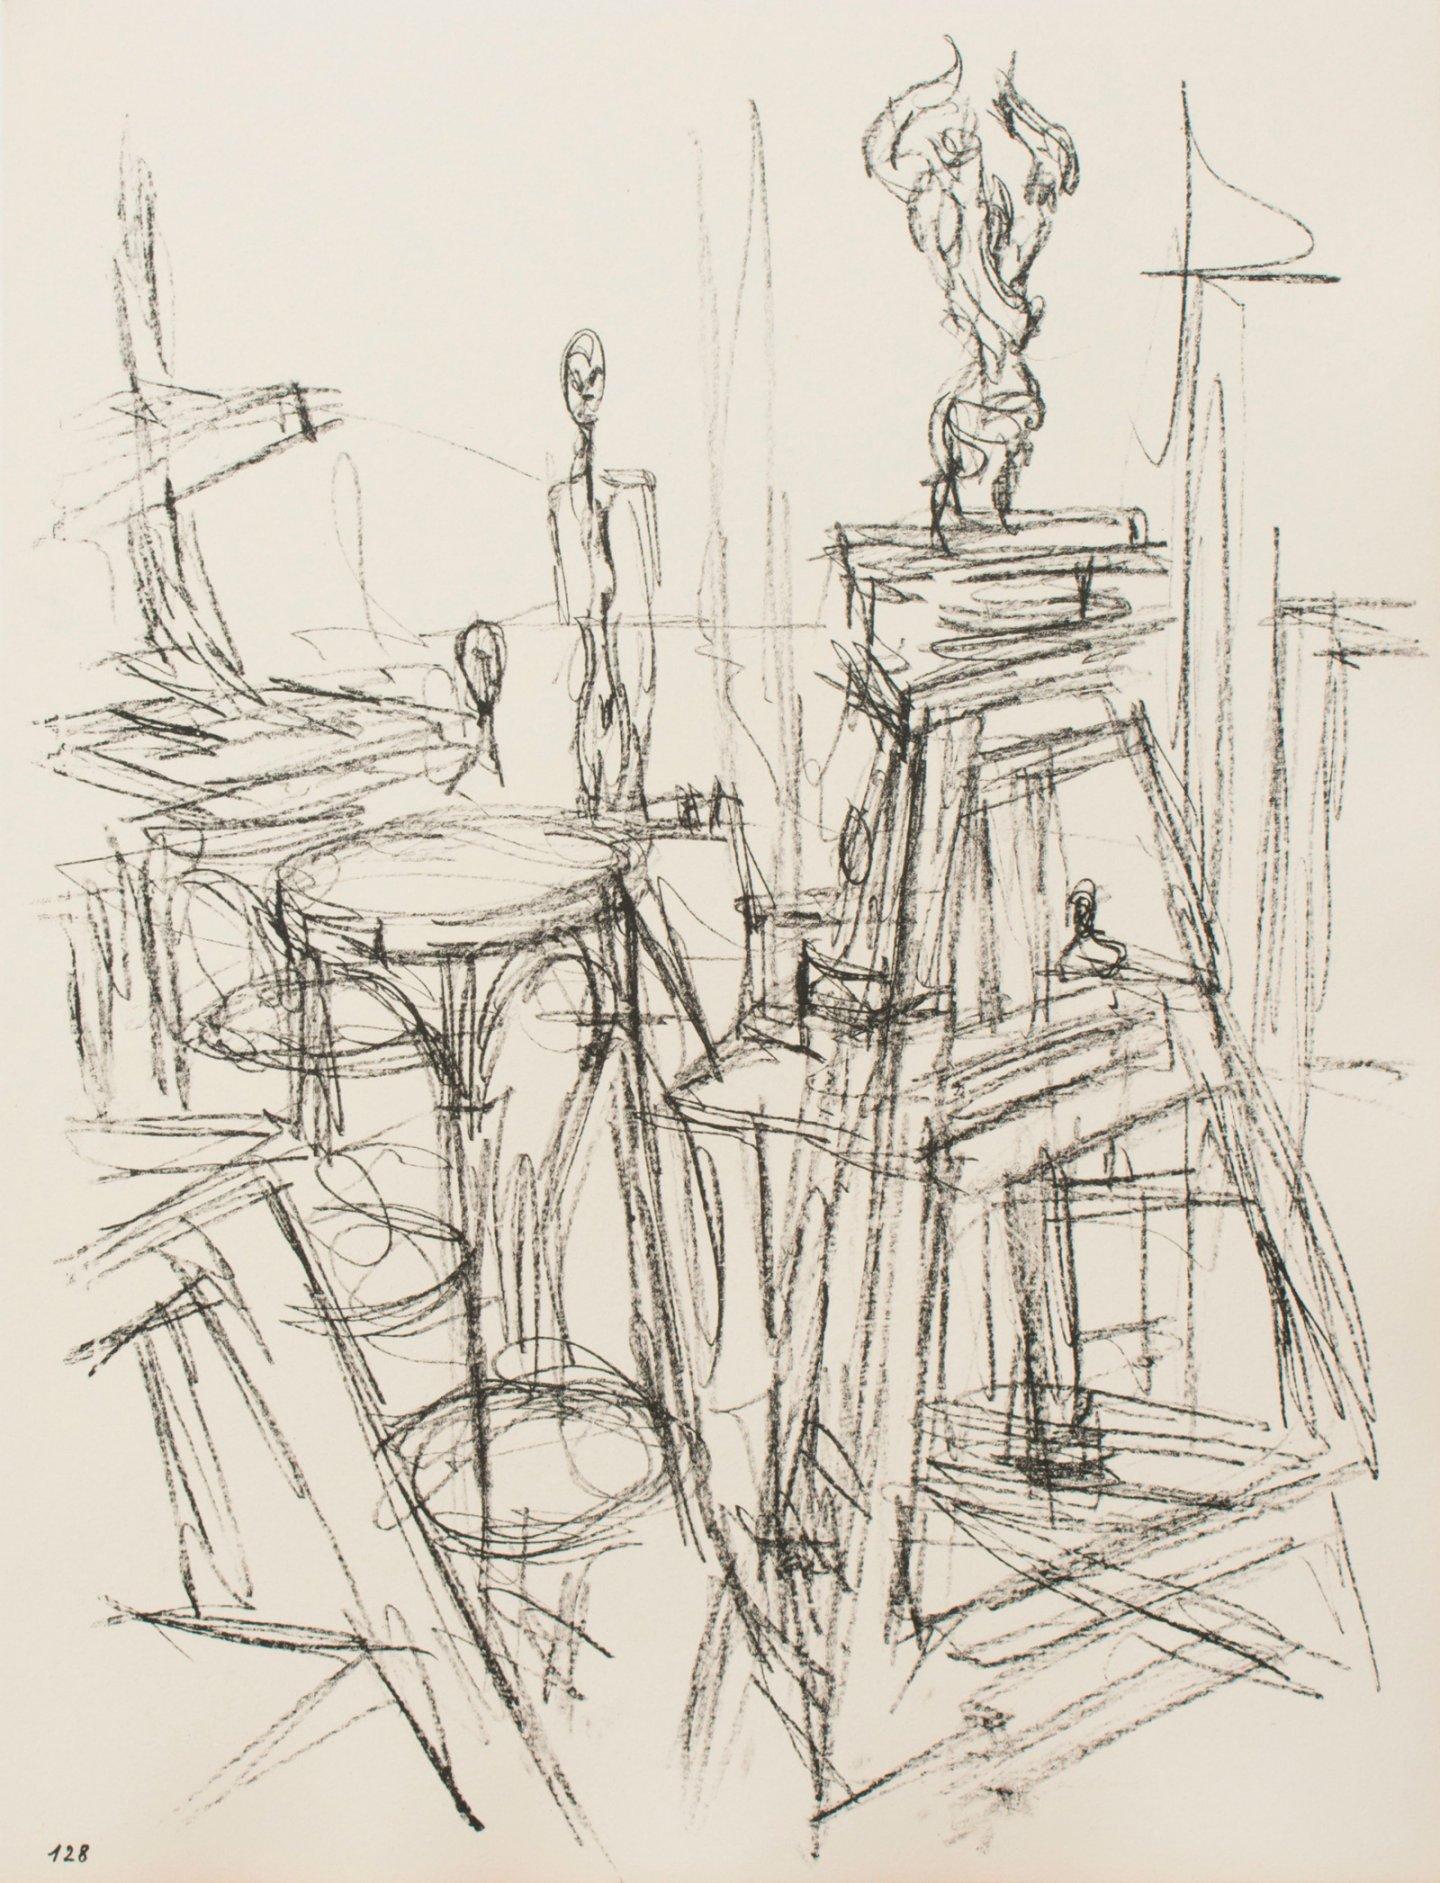 """""""Париж без границ"""" - livre d'artiste с описаниями любимых мест города от иллюстратора. Альберто Джакометти"""